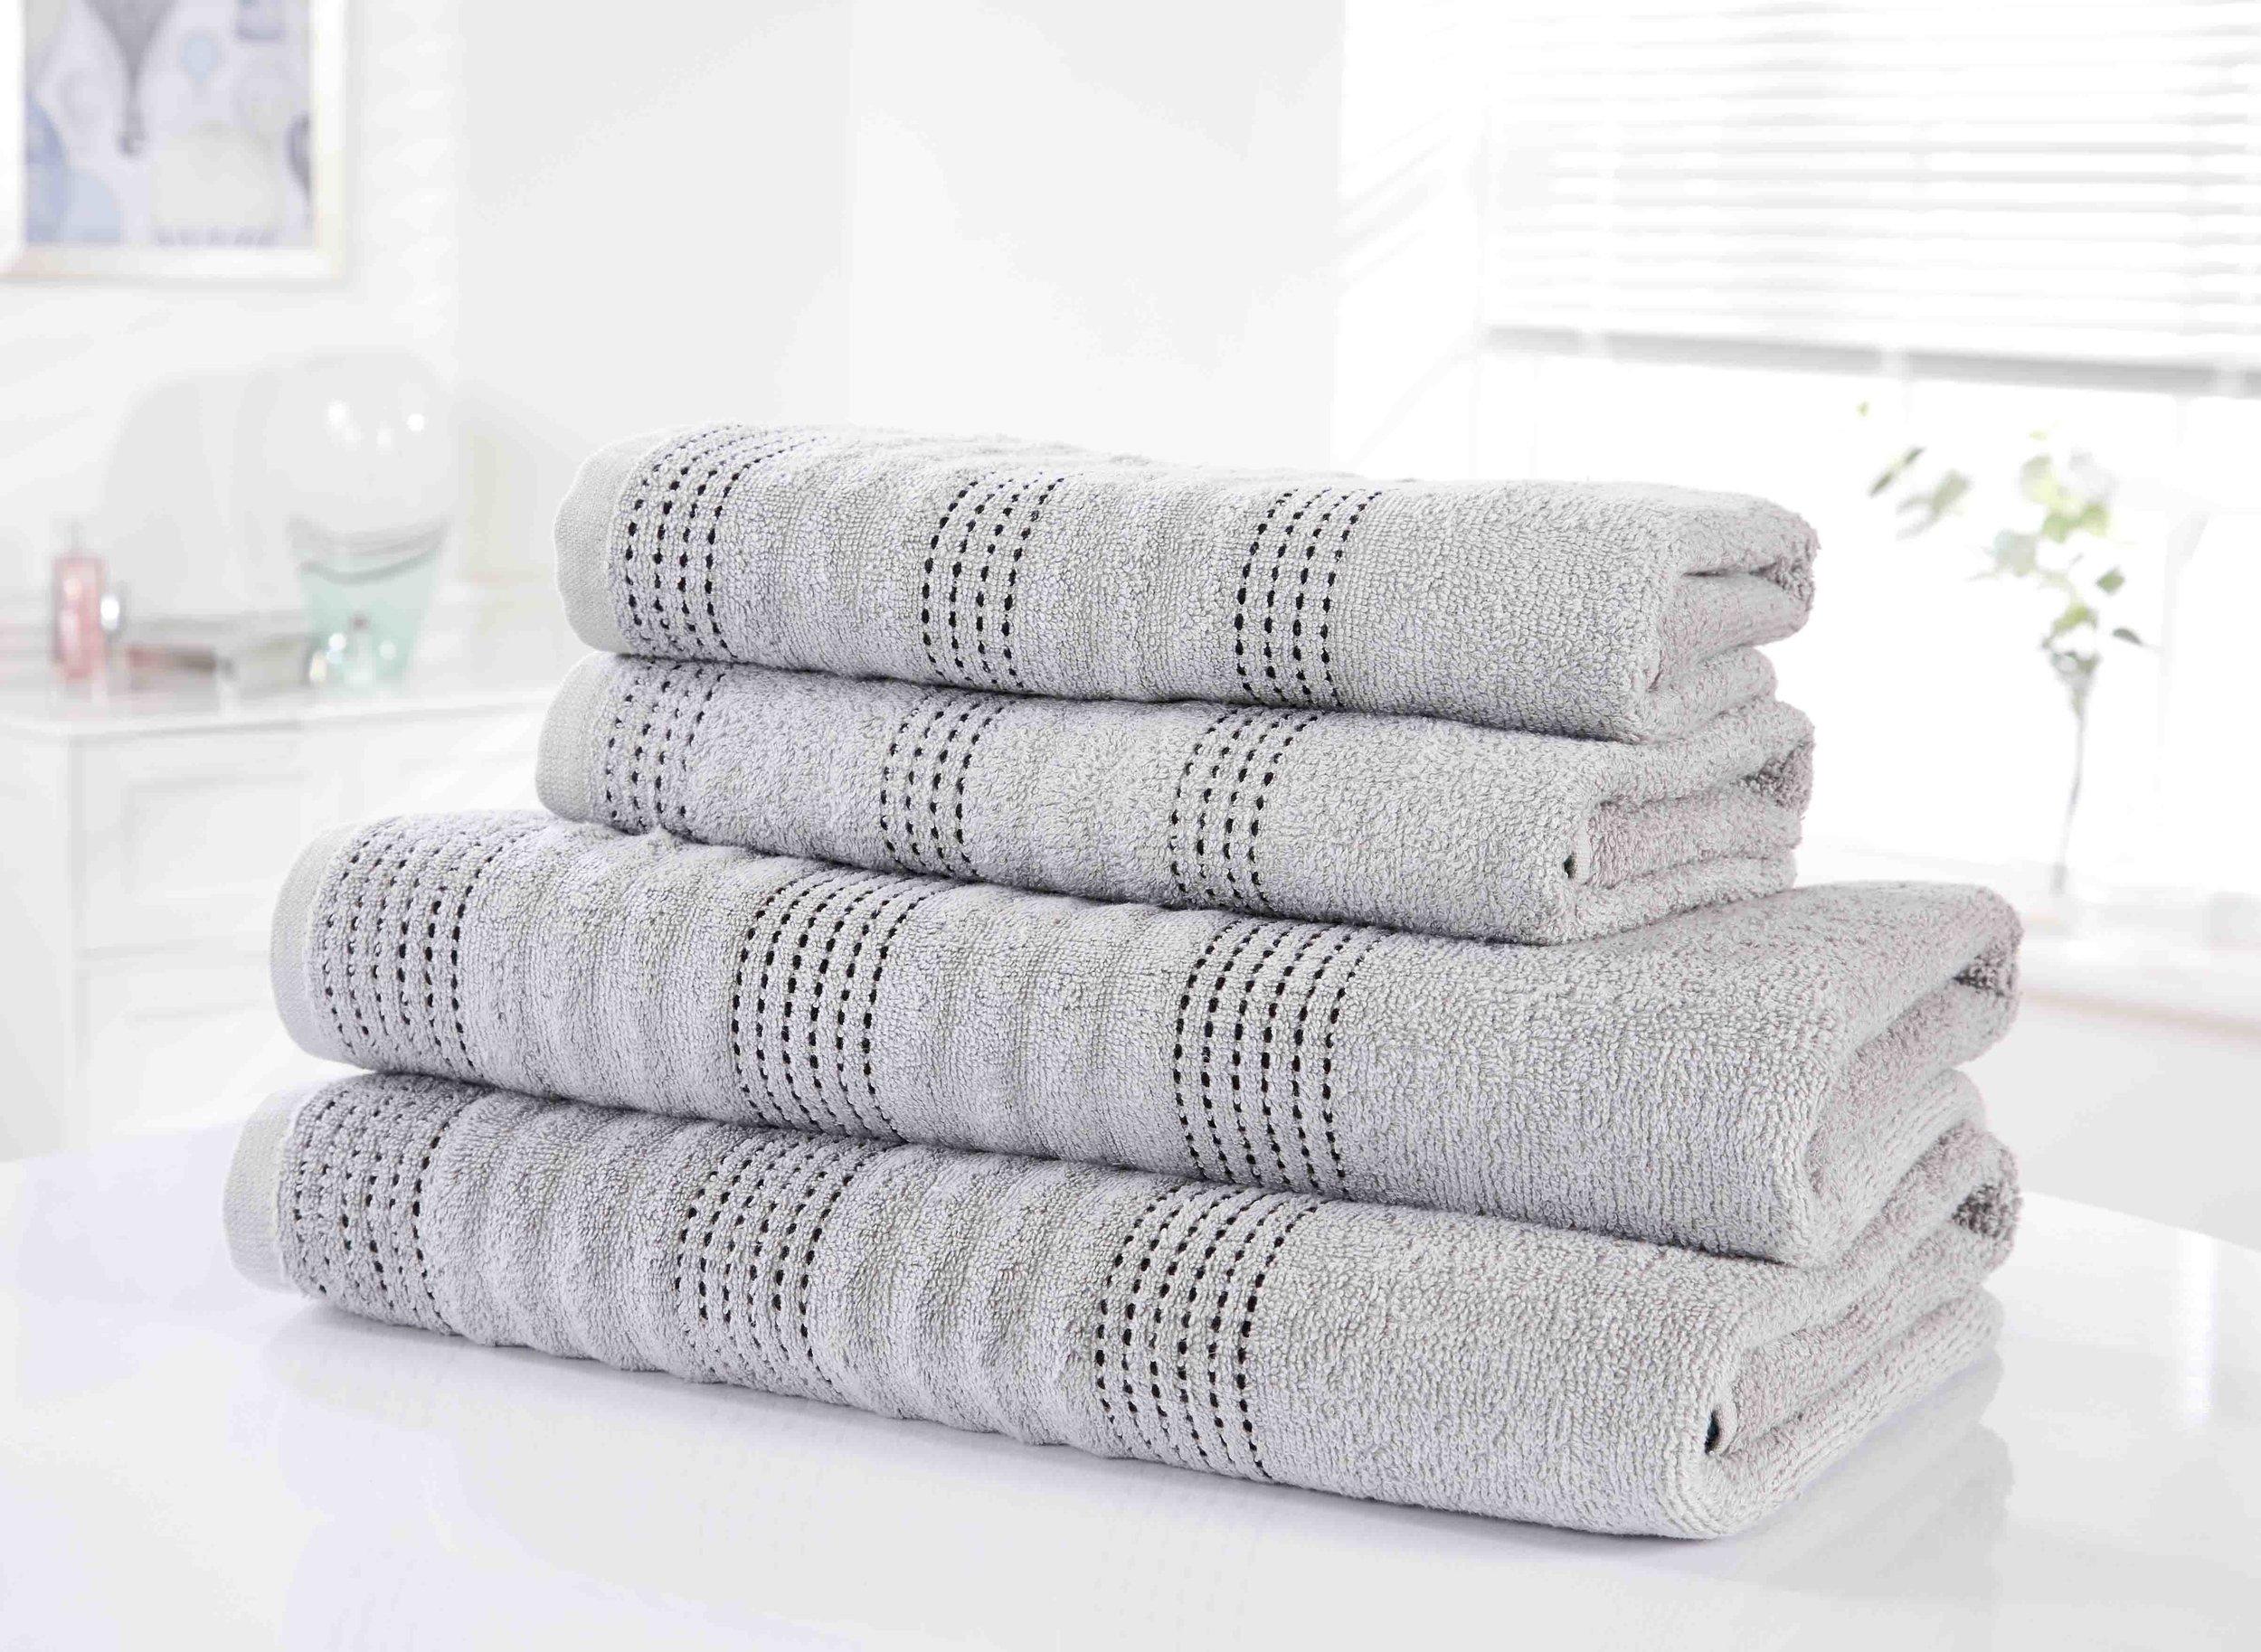 towel Spa silver.jpg